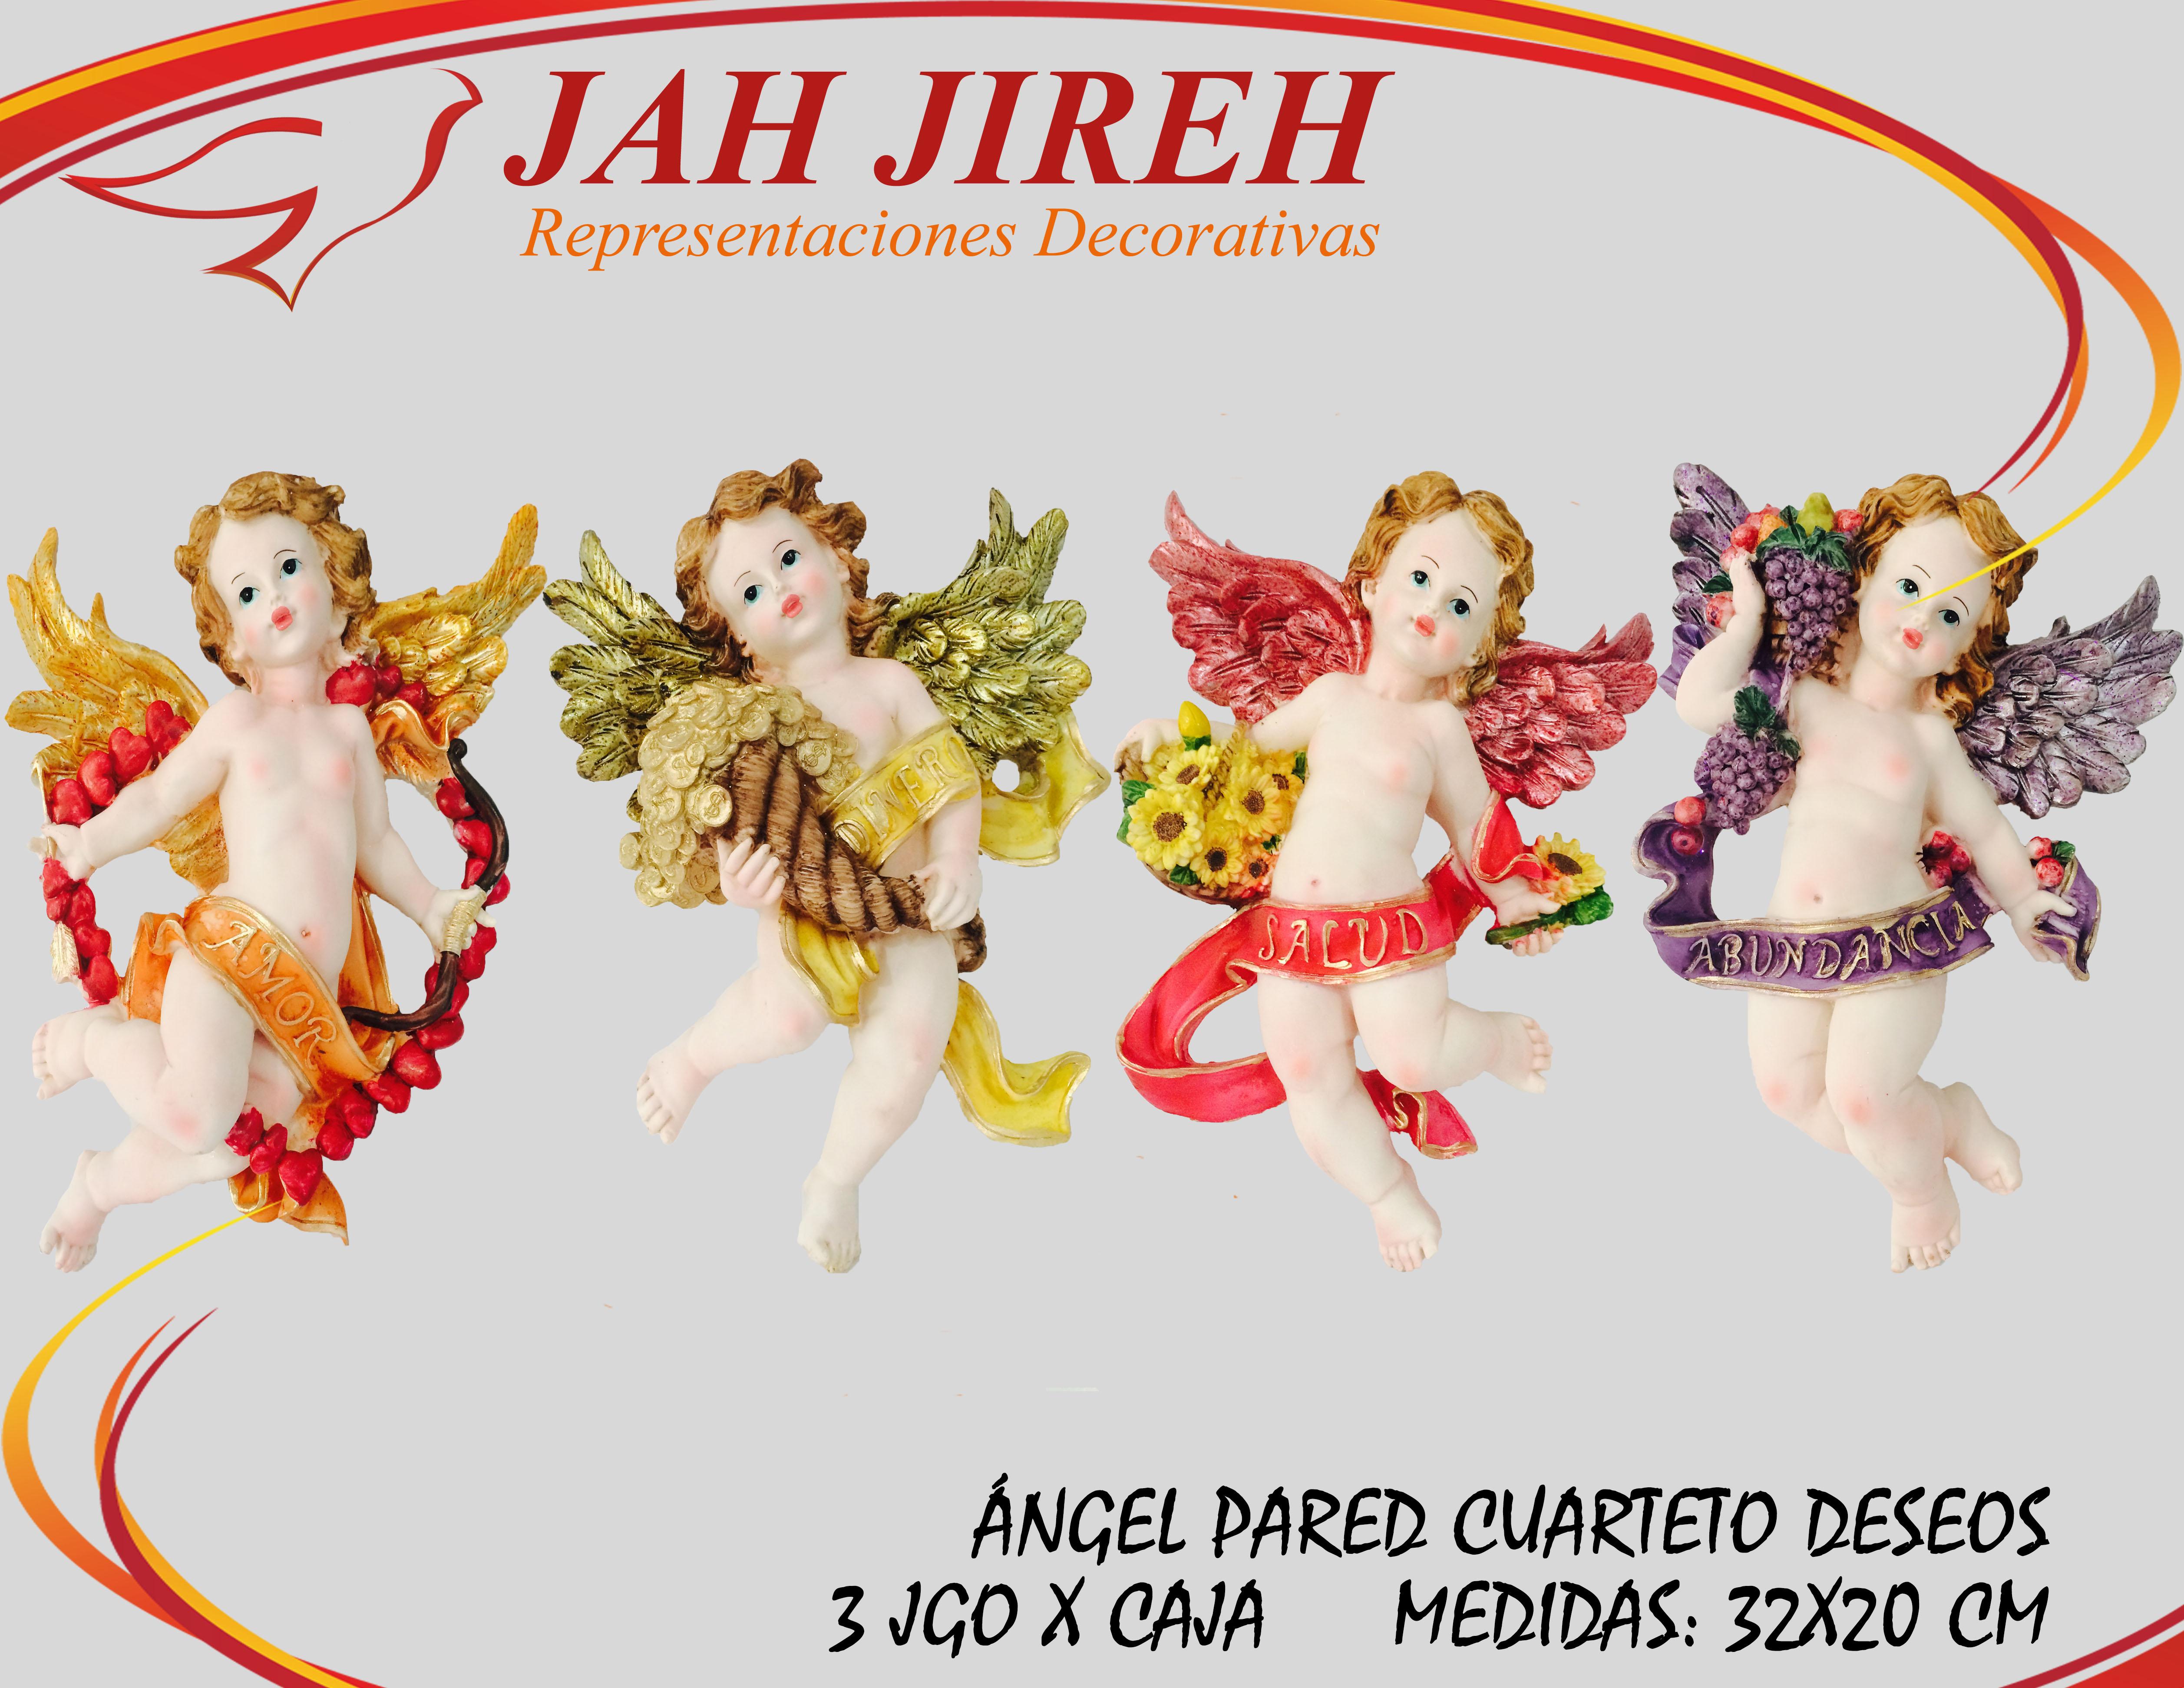 https://0201.nccdn.net/1_2/000/000/09e/a74/angel-pared-cuarteto-deseos.jpg